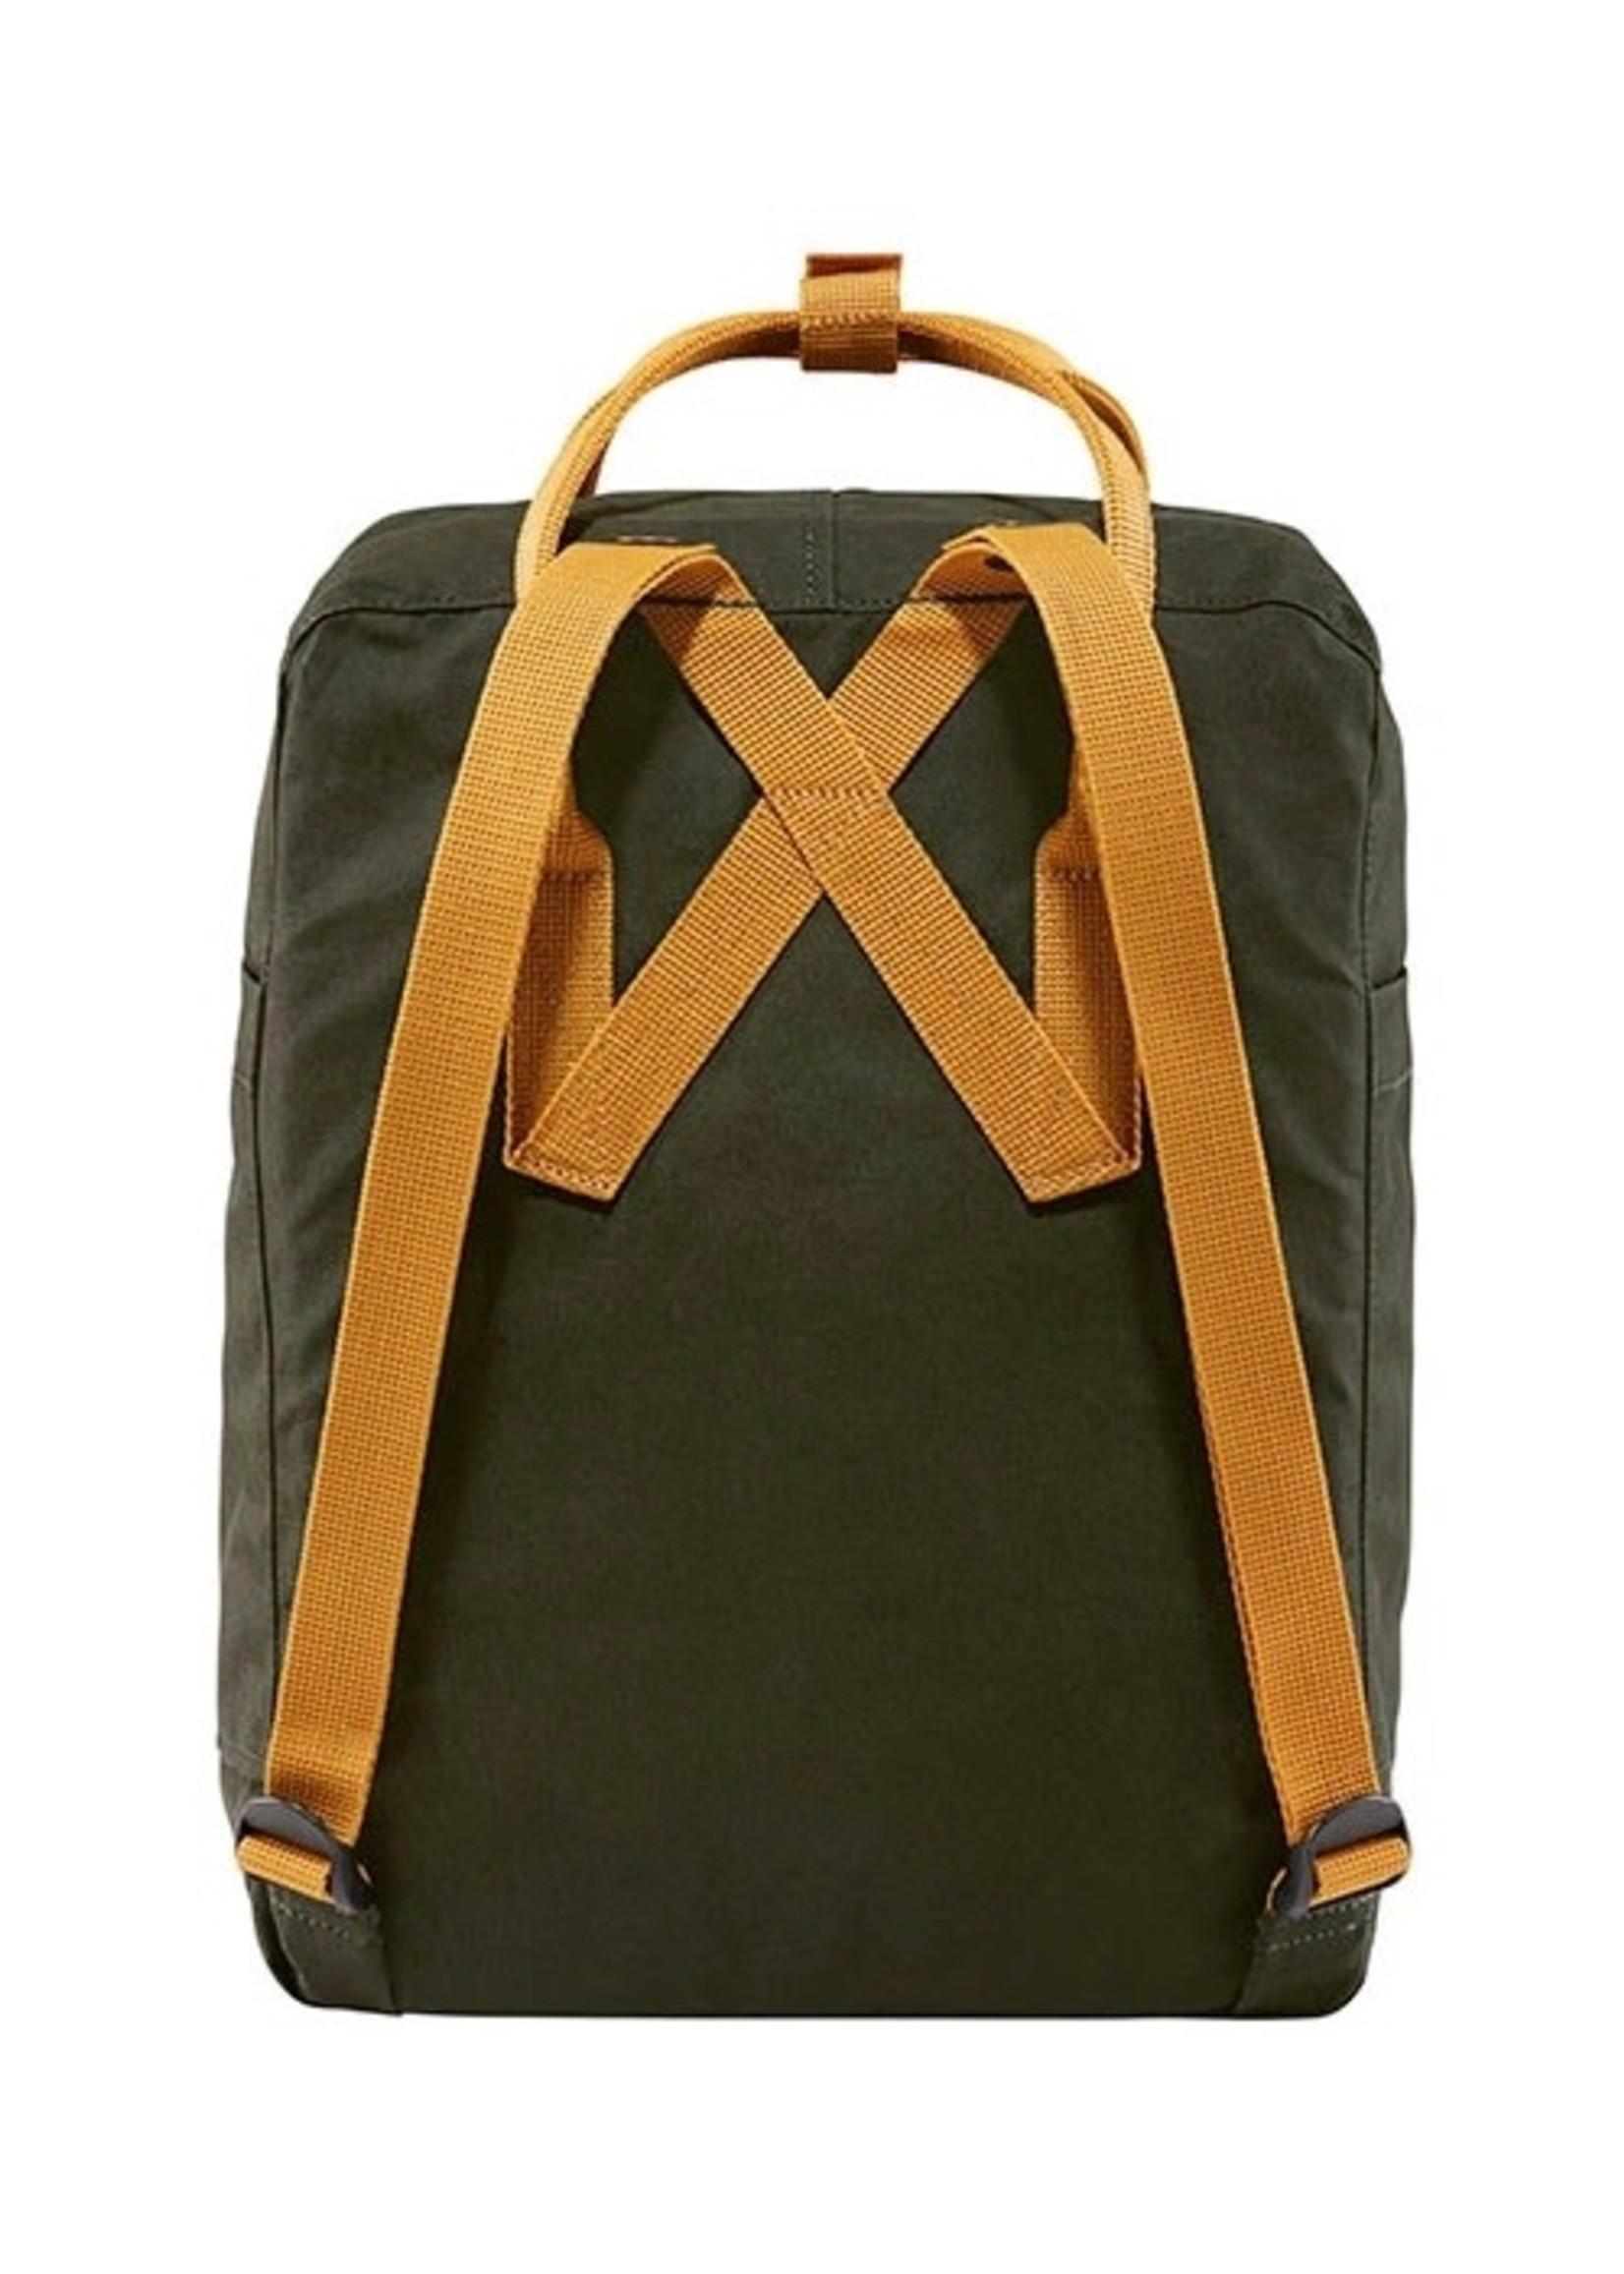 FJALL RAVEN Kanken Backpack DEEP FOREST/ACORN